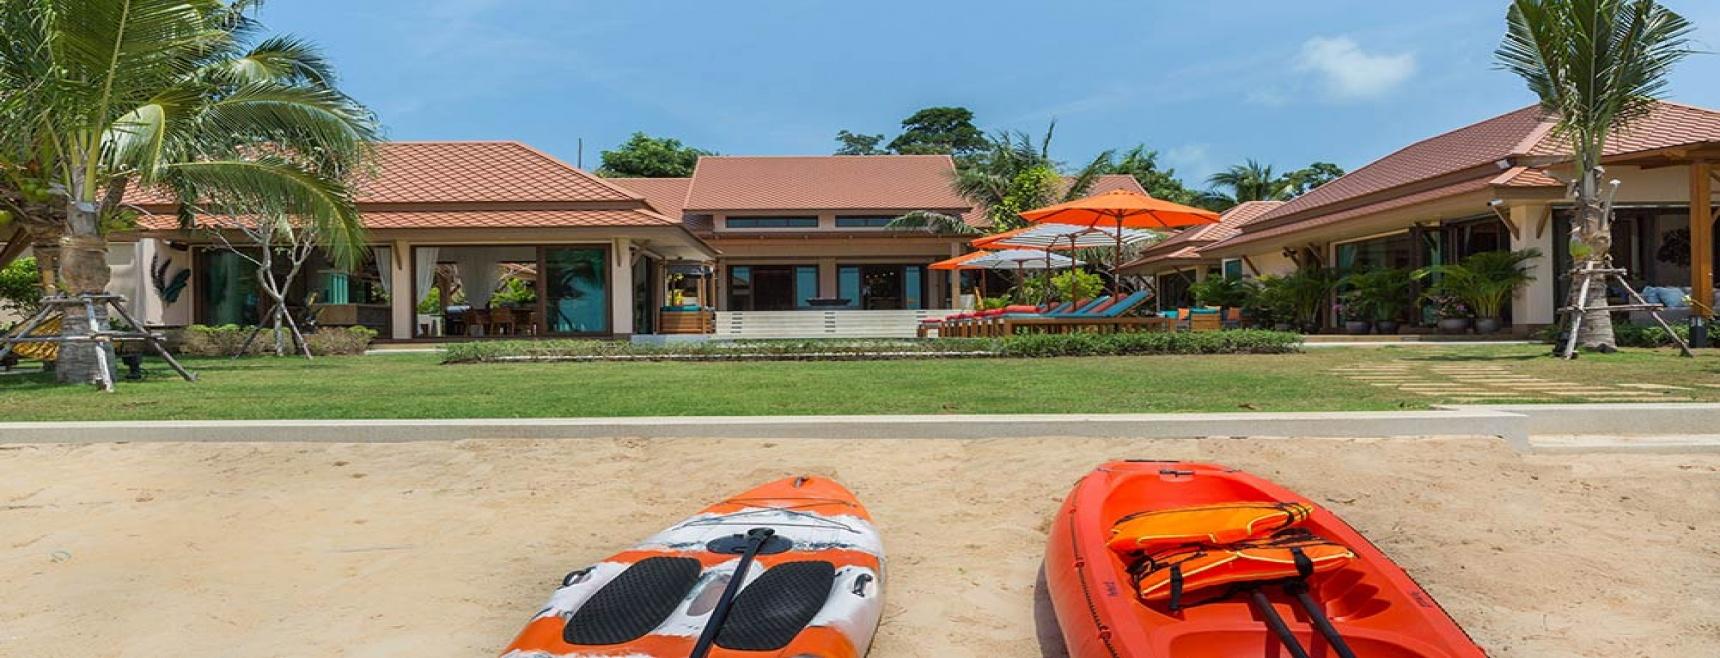 Plai Laem, North East, Koh Samui, 4 Bedrooms Bedrooms, 2 Rooms Rooms,Villa,Holiday Villa Rentals,1,1530